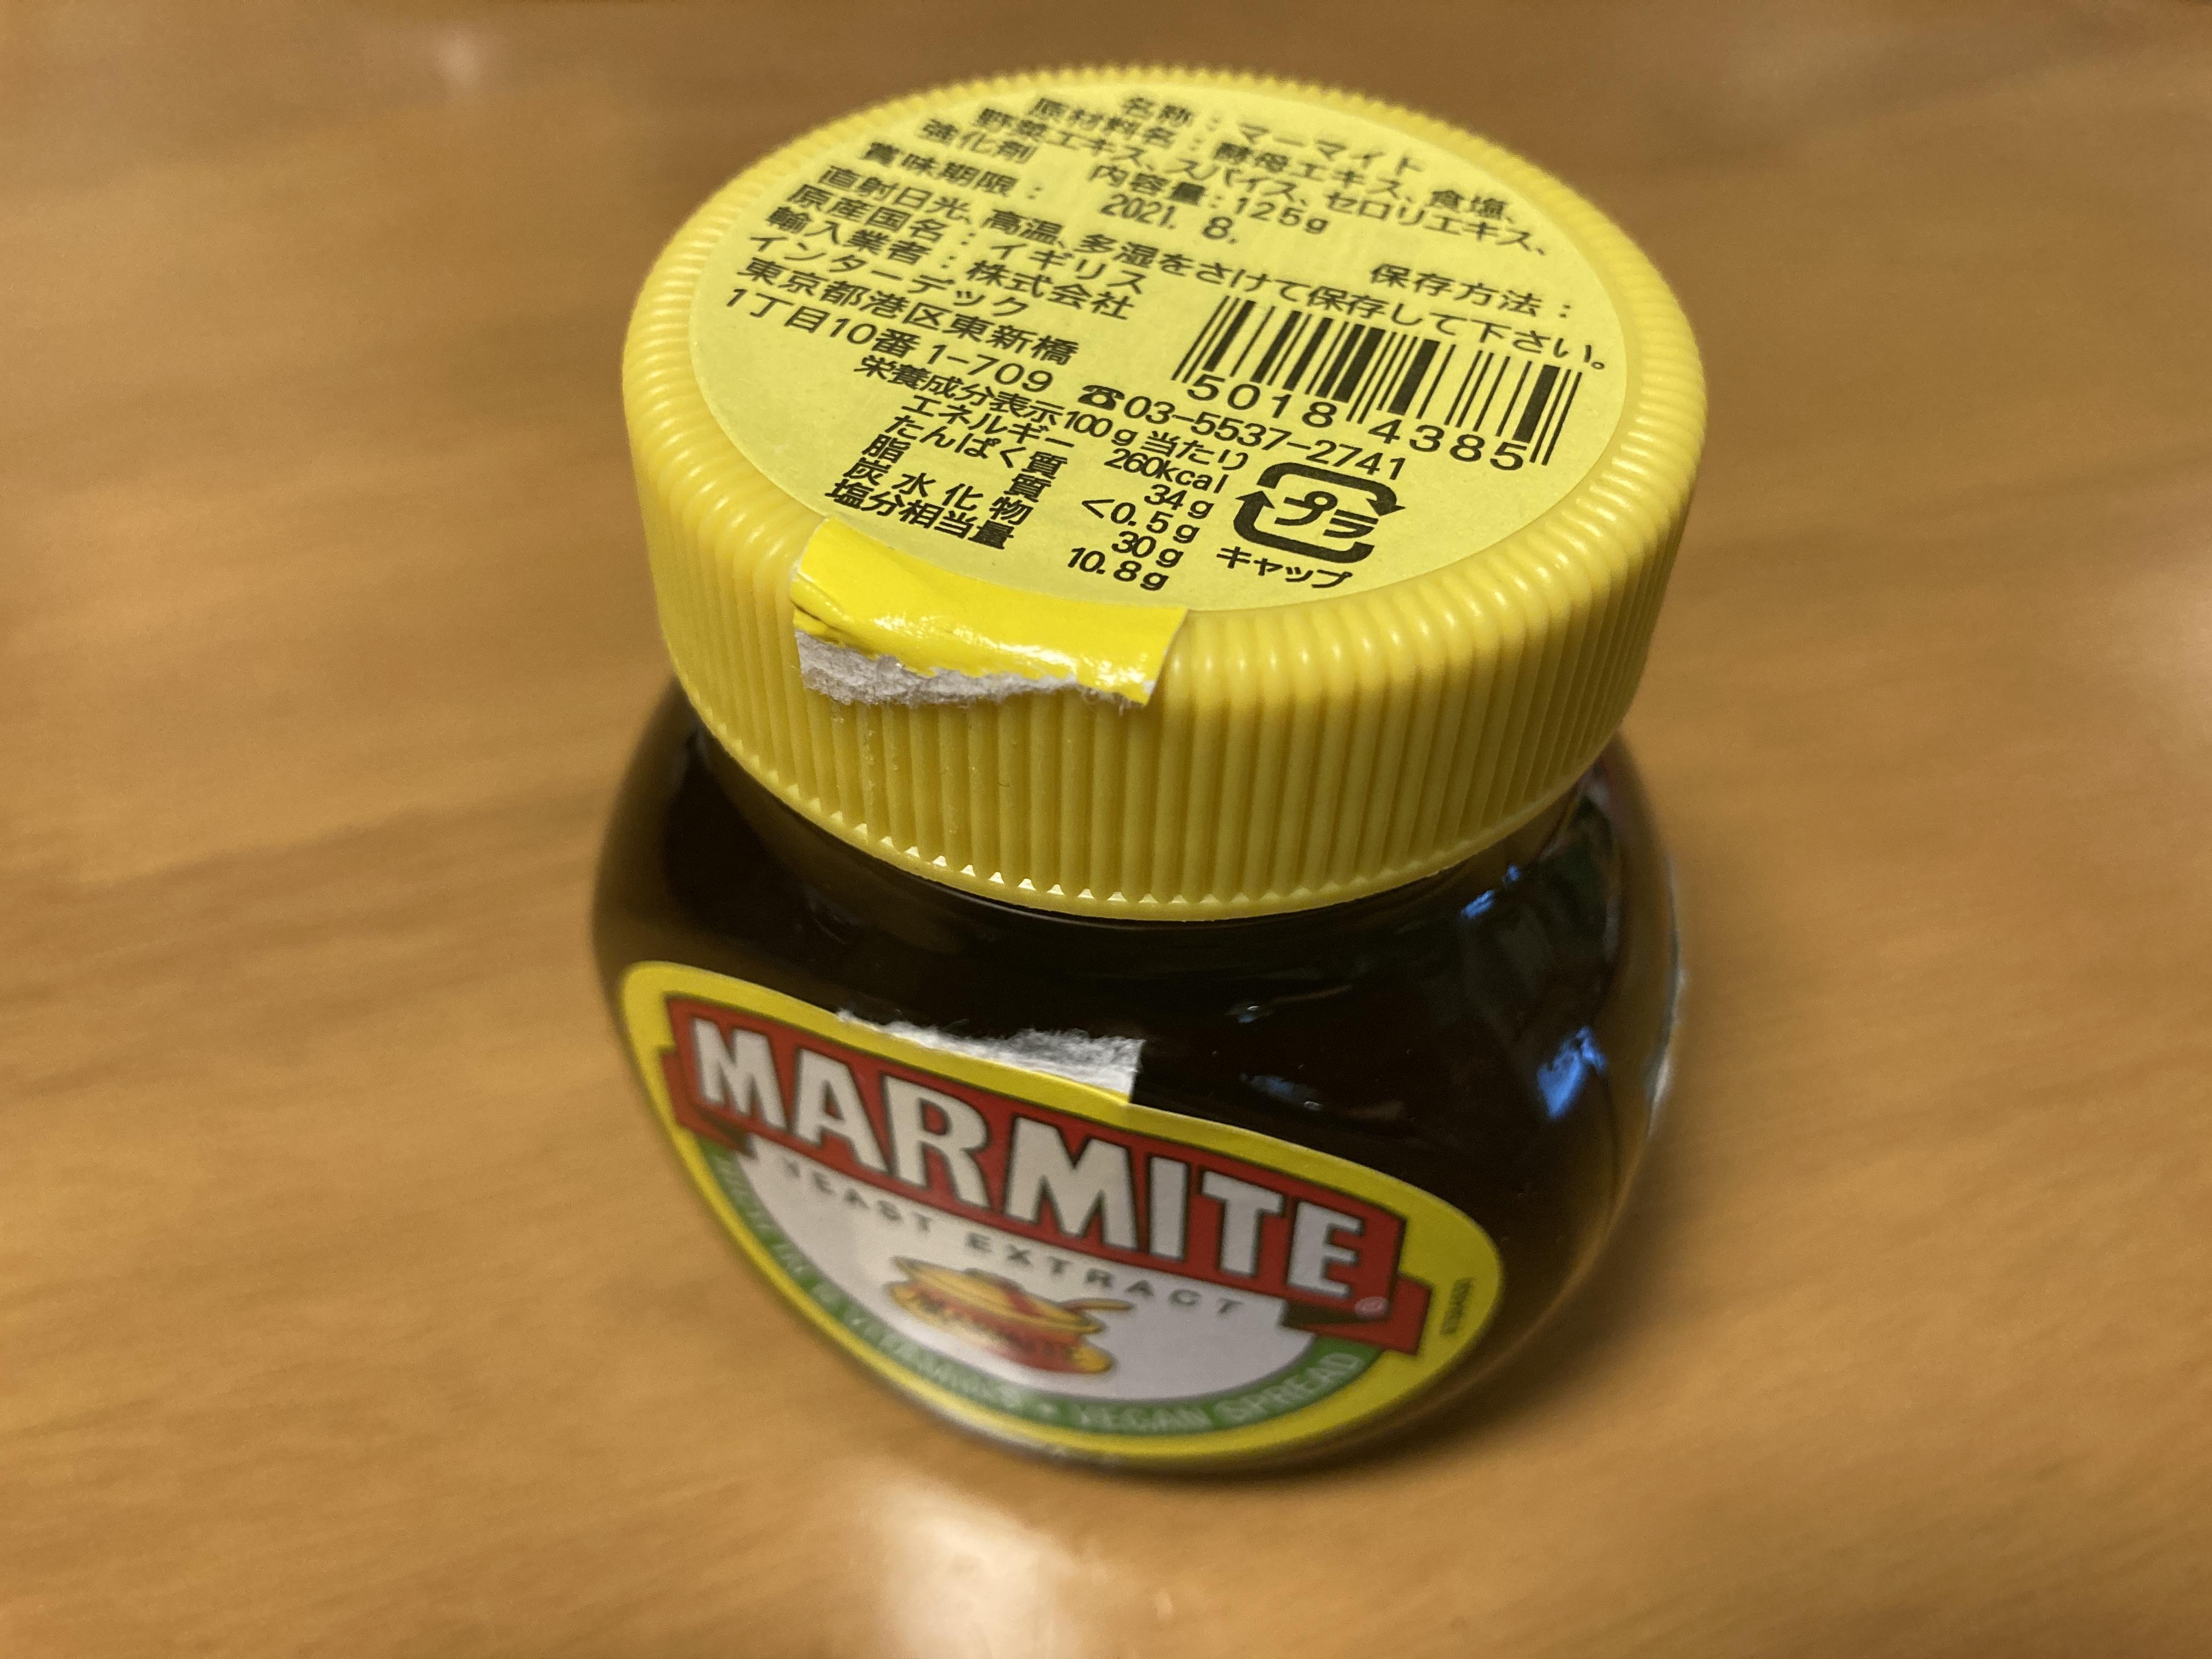 【感想】強烈発酵食品マーマイト(Marmite)を食べてみた!